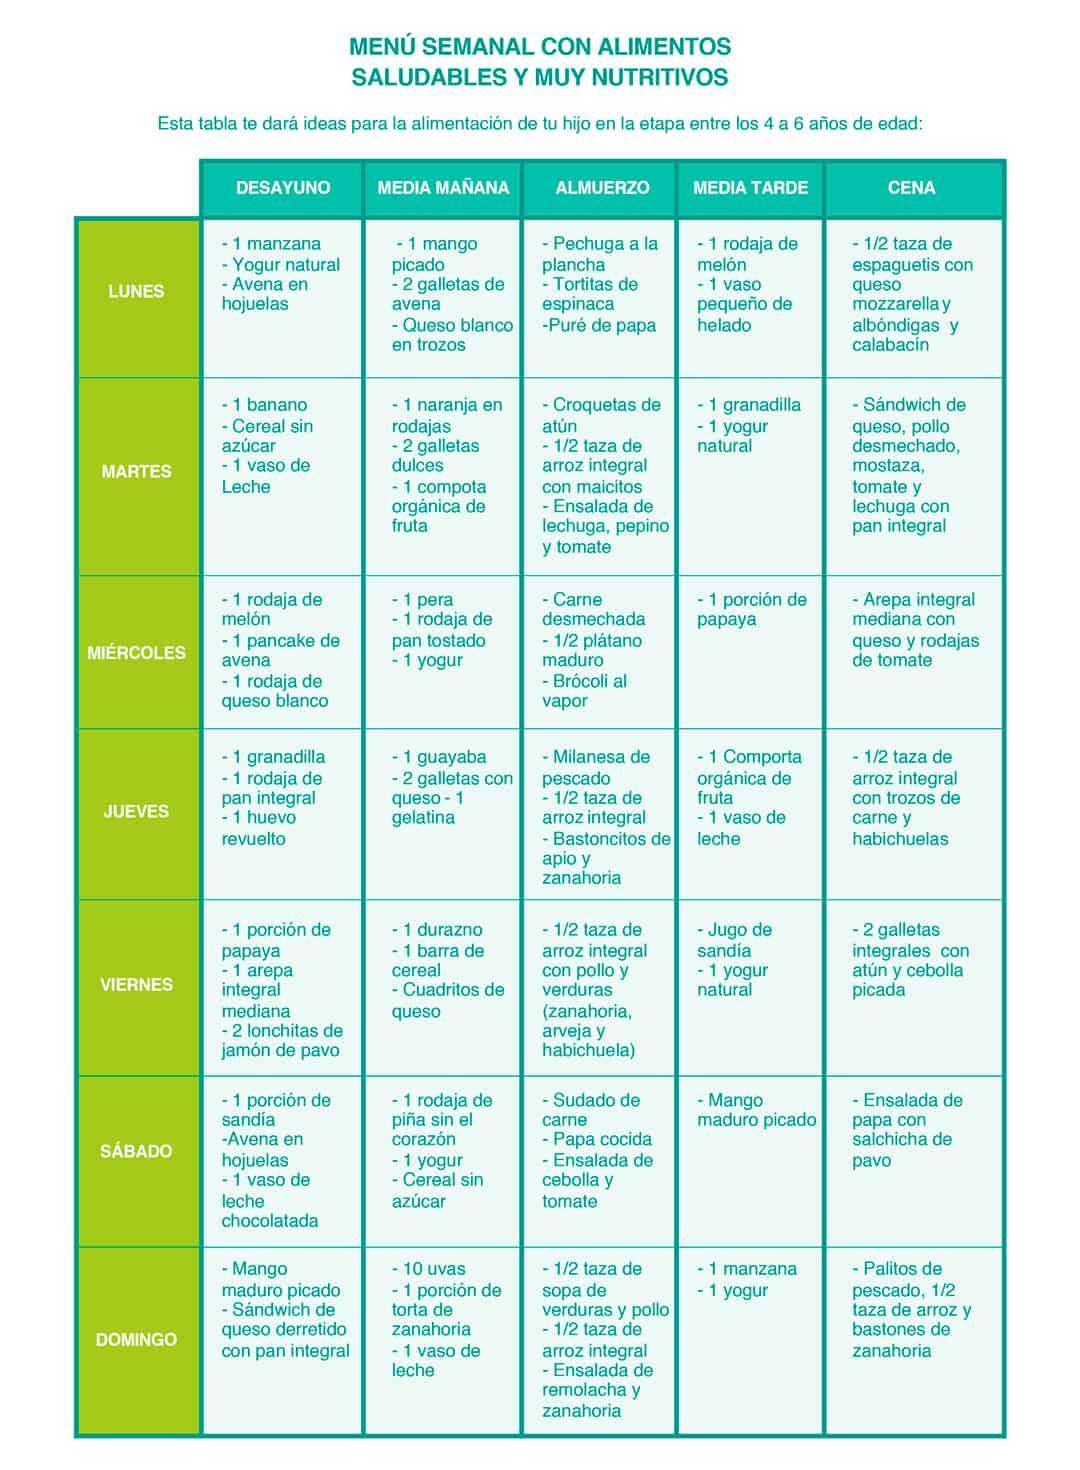 Menú saludable para niños para disfrutar ¡toda la semana! en la etapa entre los 4 a 6 años